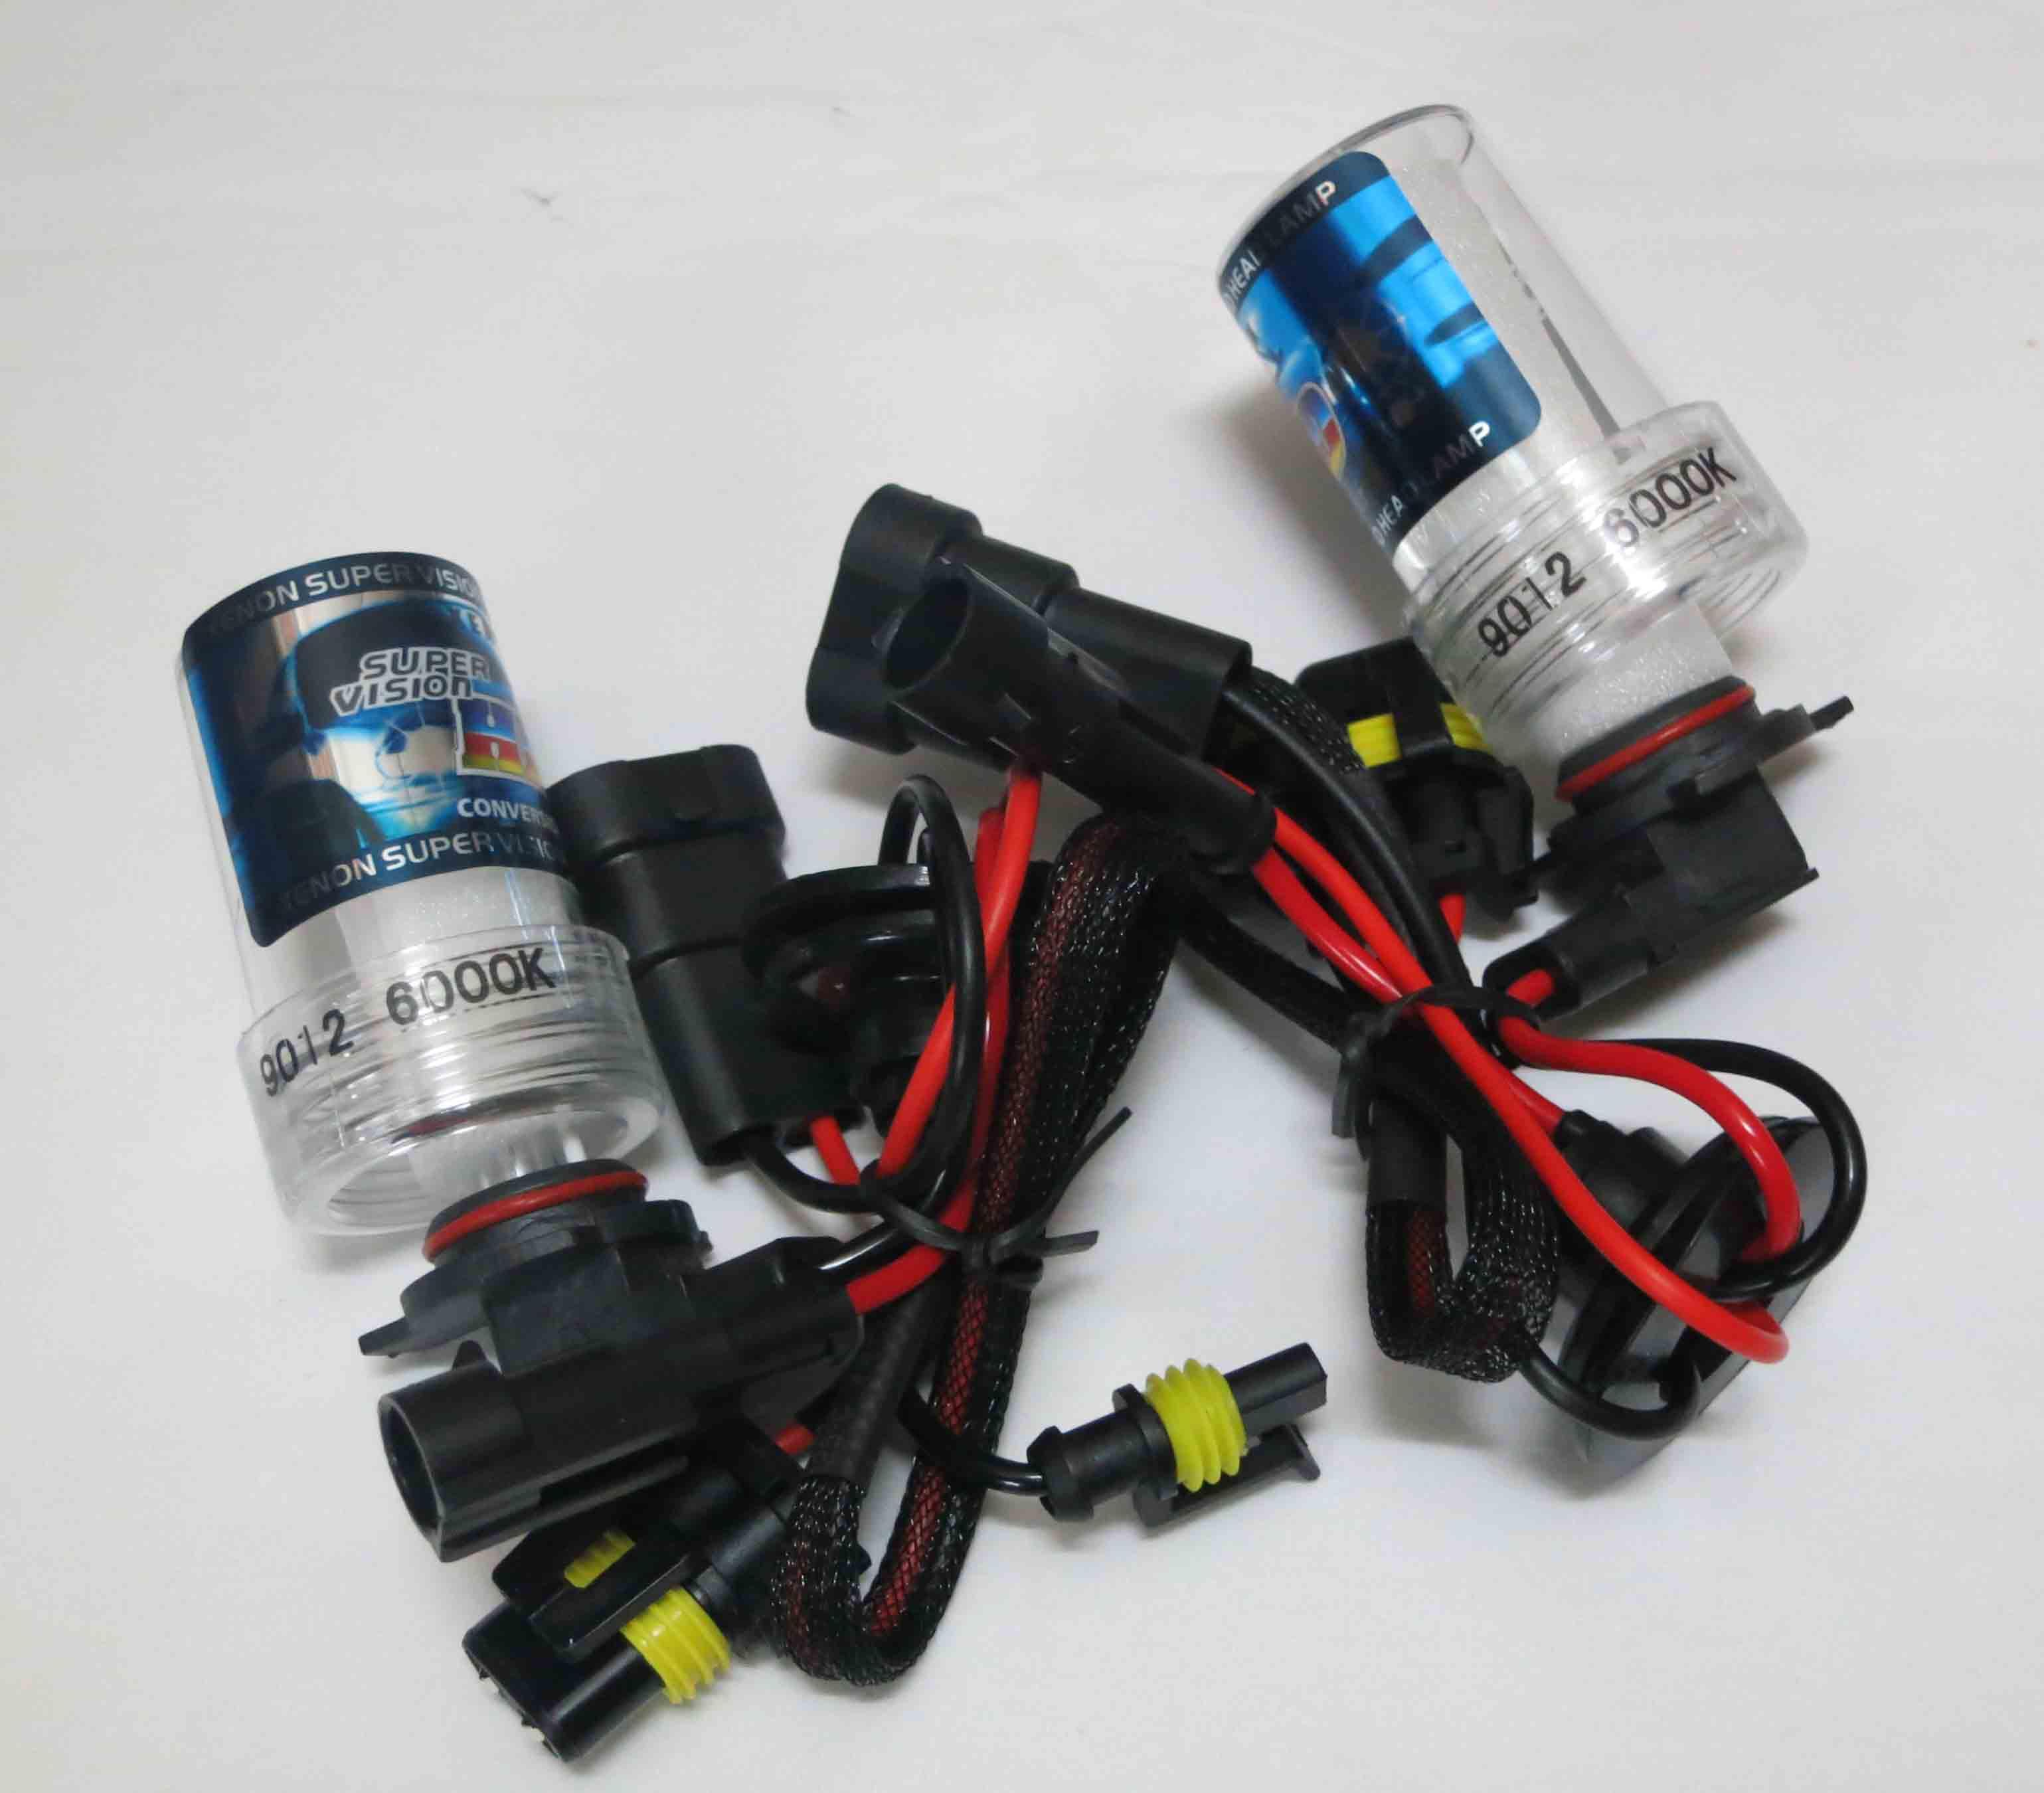 1 세트 35W 9012 H1R2 슬림 밸러스트 HID 크세논 키트 포드 엣지 용 12V Toyota IQ Lexus GS350 Boss302